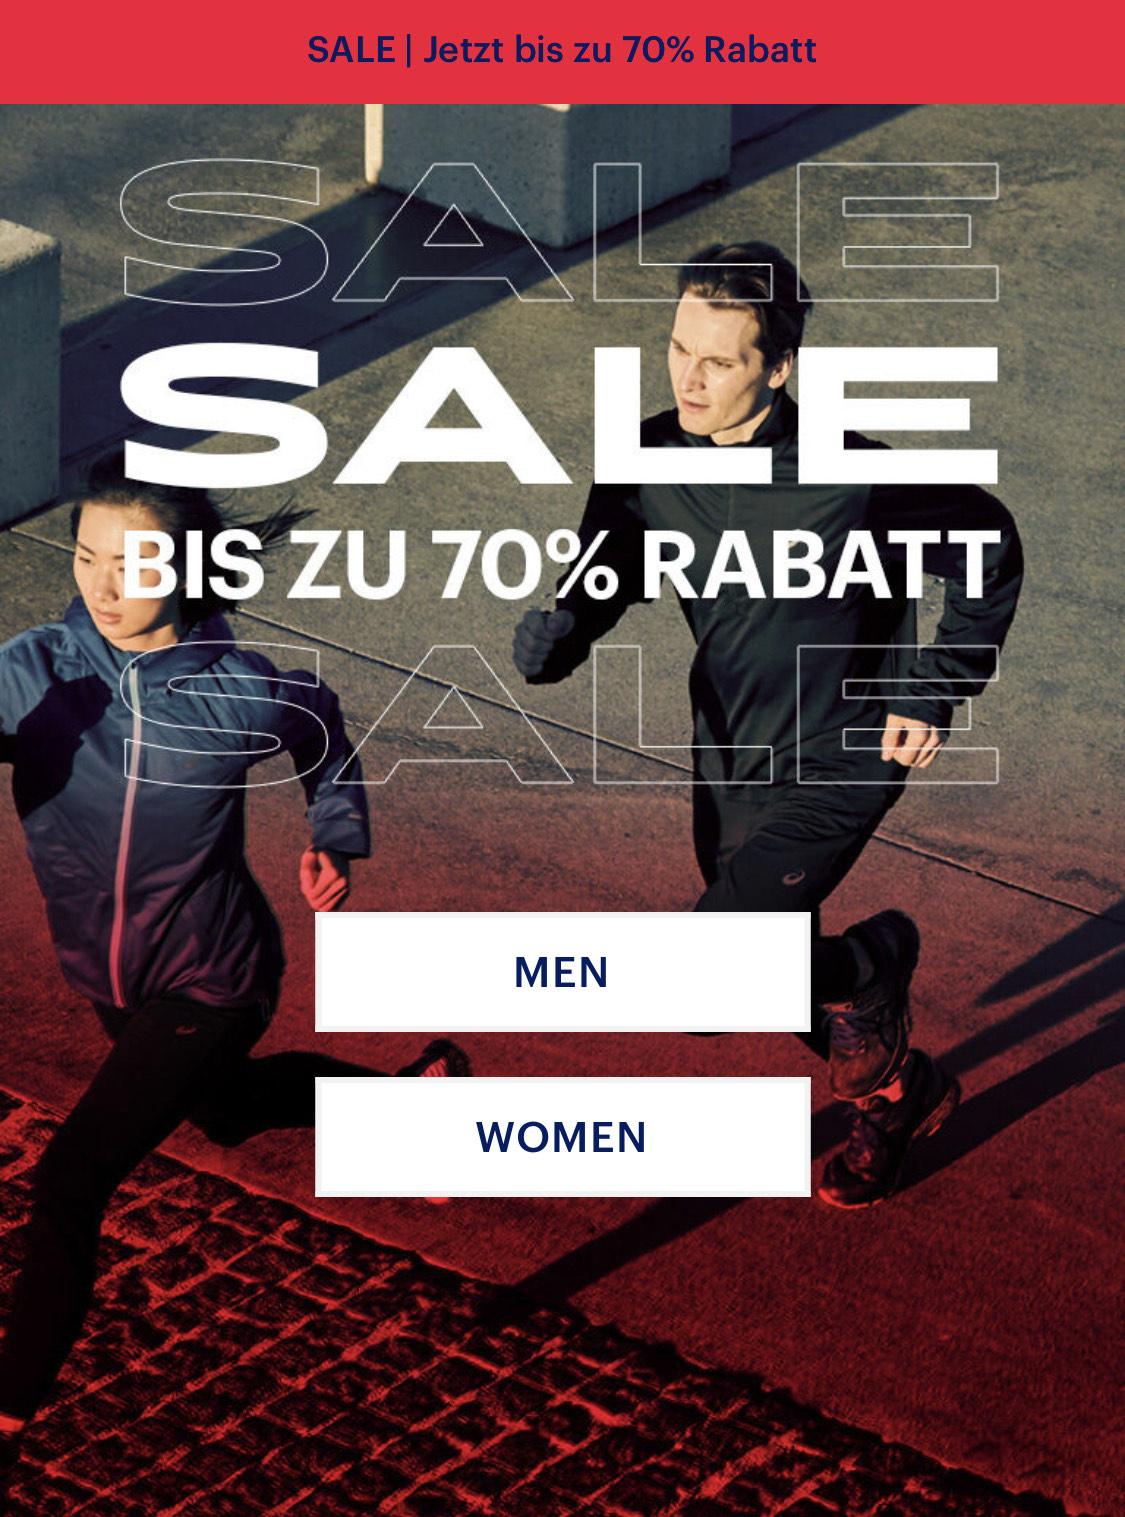 [Asics Outlet] Sale bis zu 70% Herren Damen VSK frei ab 50€